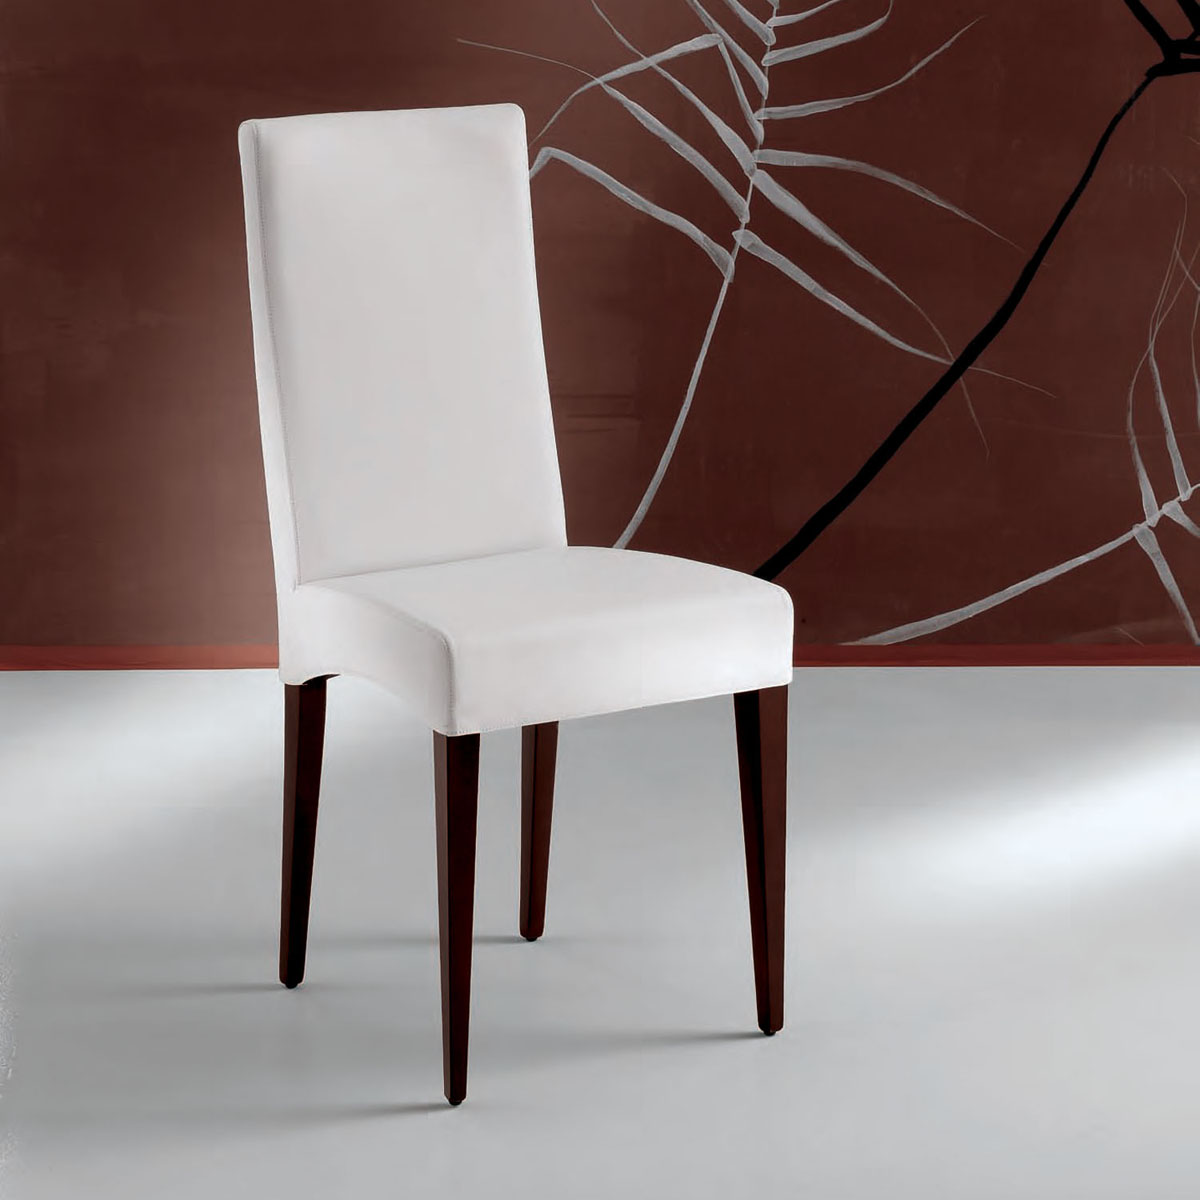 Sillas de piel sillas de comedor tapizadas for Sillas de comedor clasicas tapizadas